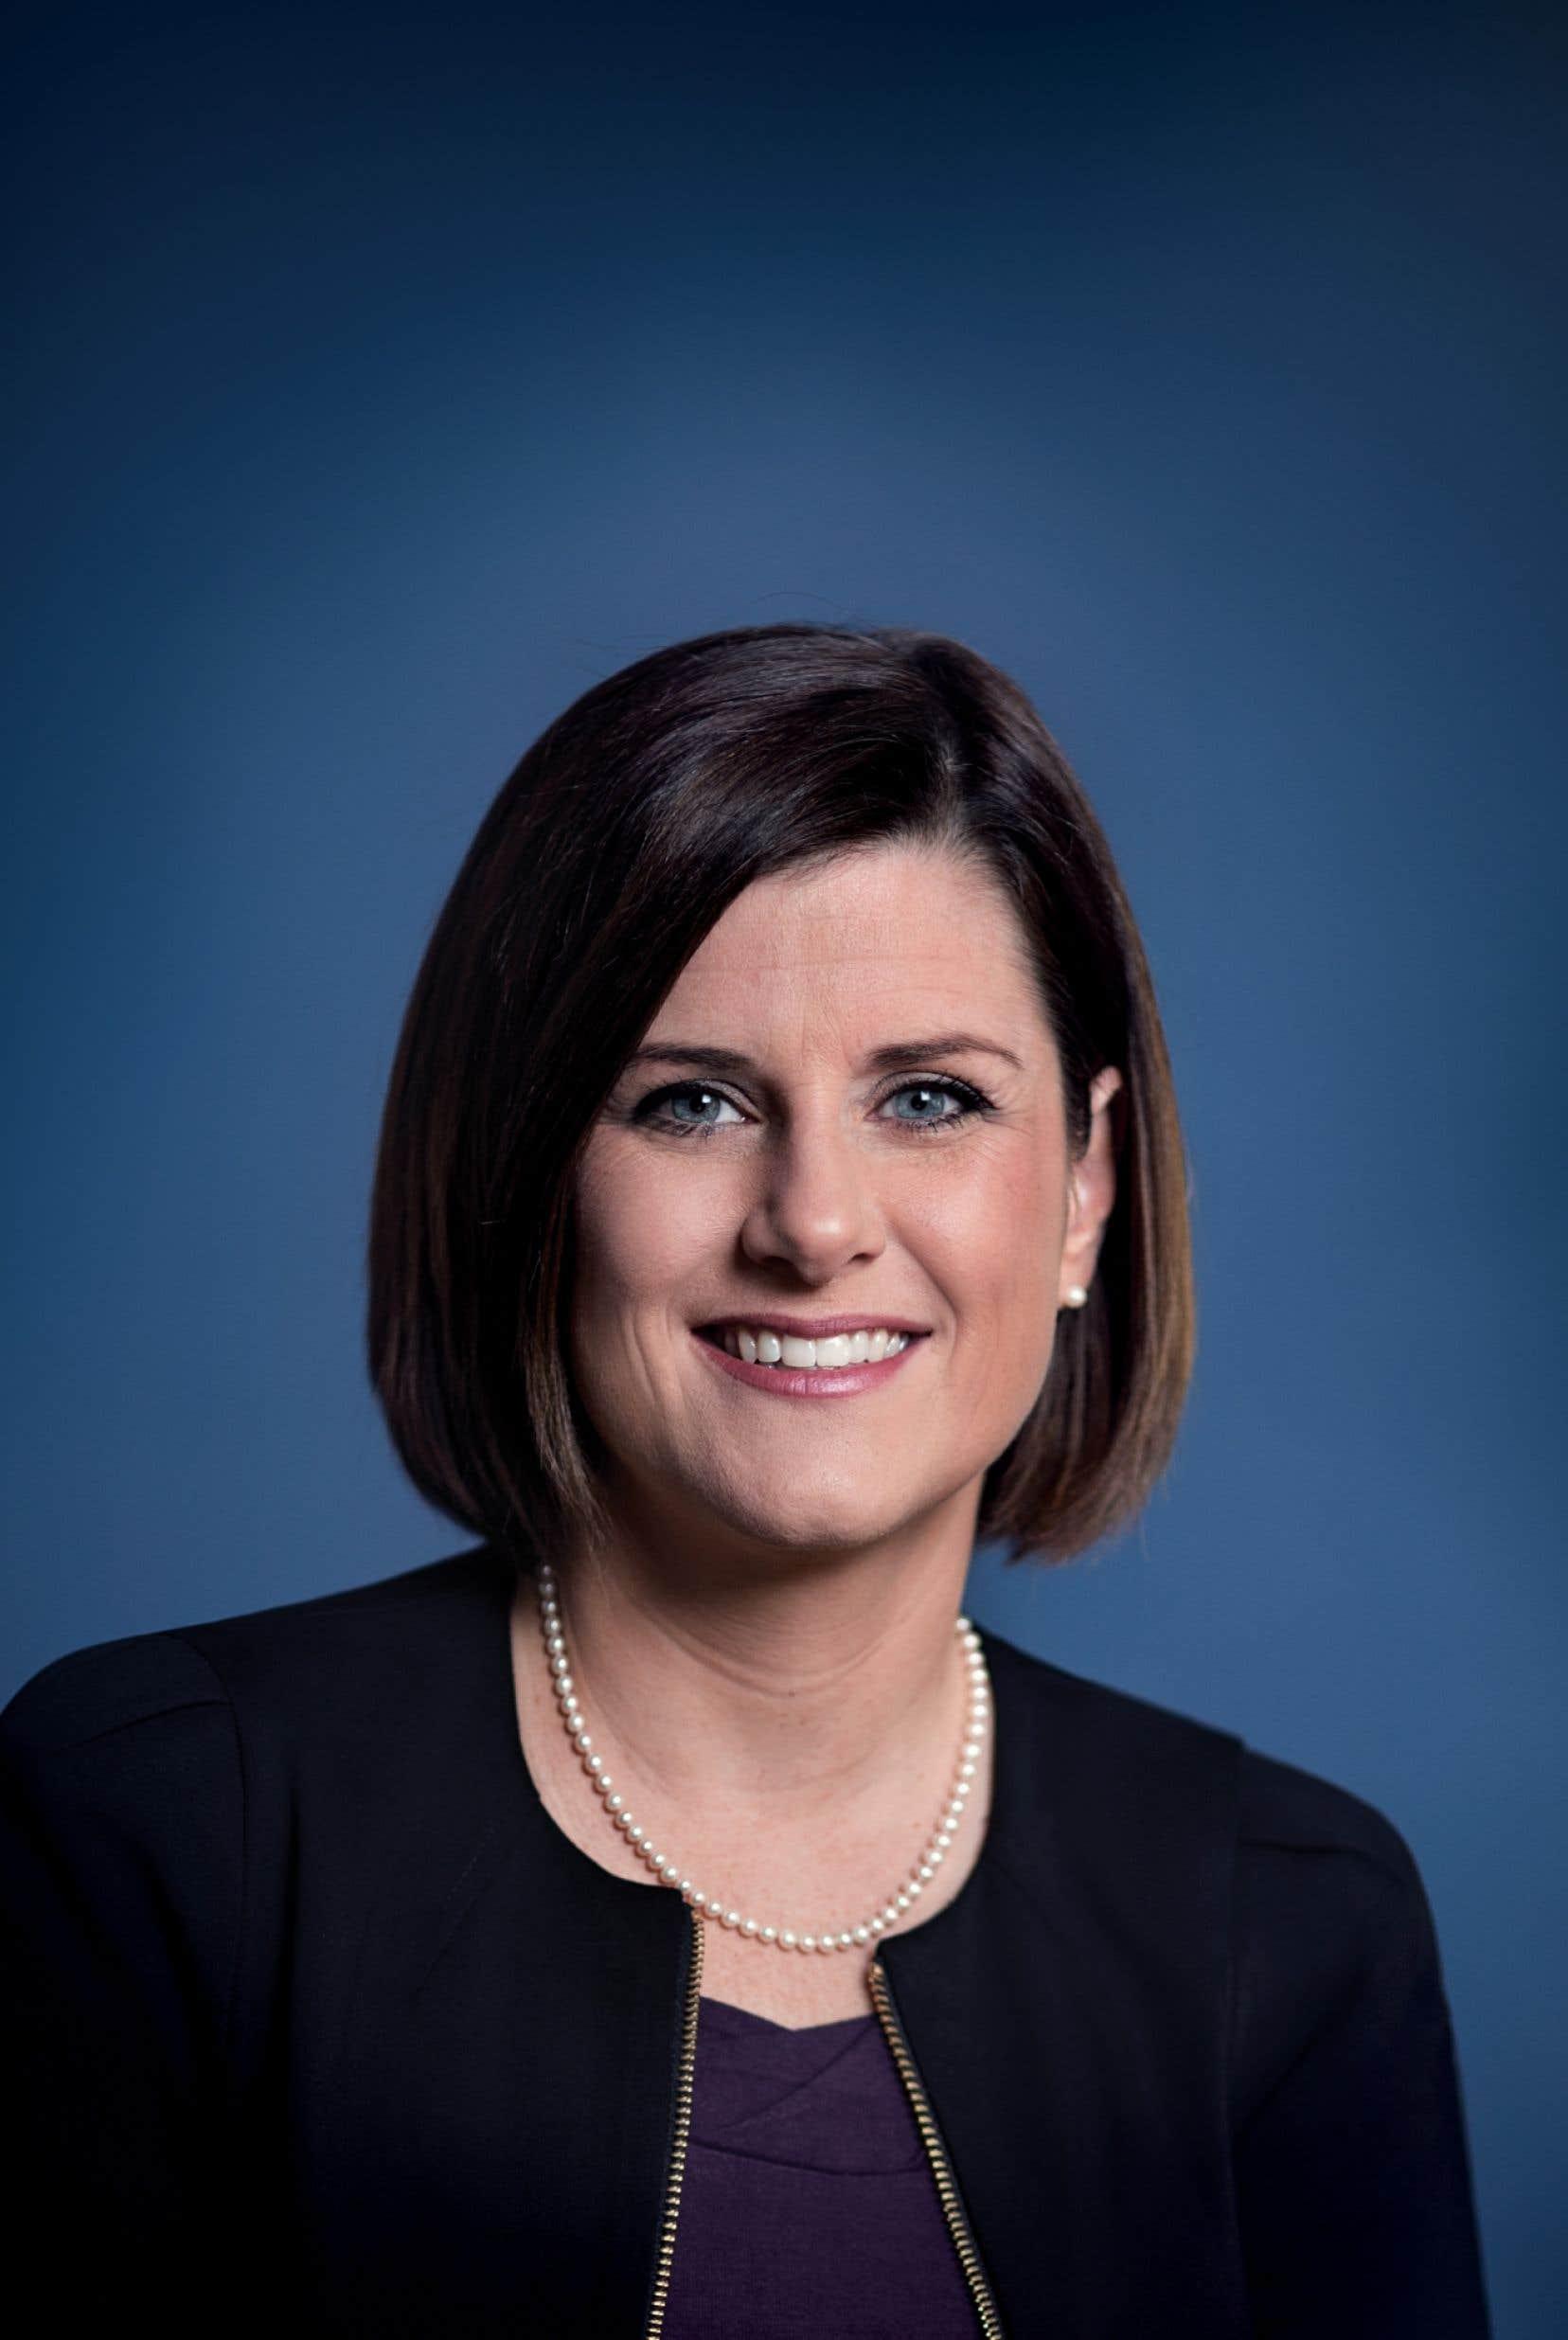 La ministre de la Justice, Stéphanie Vallée, demande l'opinion de la Cour d'appel du Québec concernant les conditions de nomination des juges des cours du Québec.